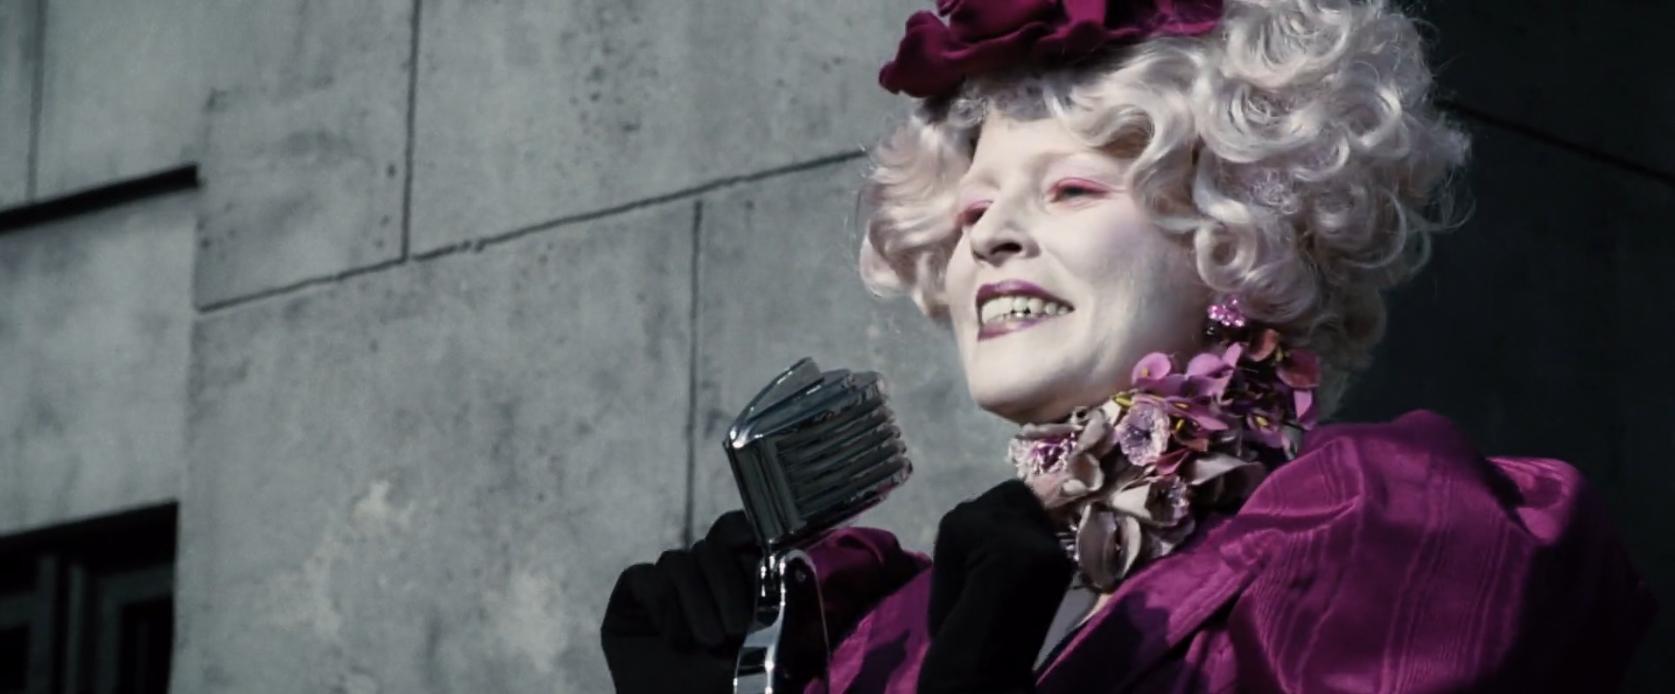 Elizabeth Banks as Effie Trinket in the hunger games fun hair